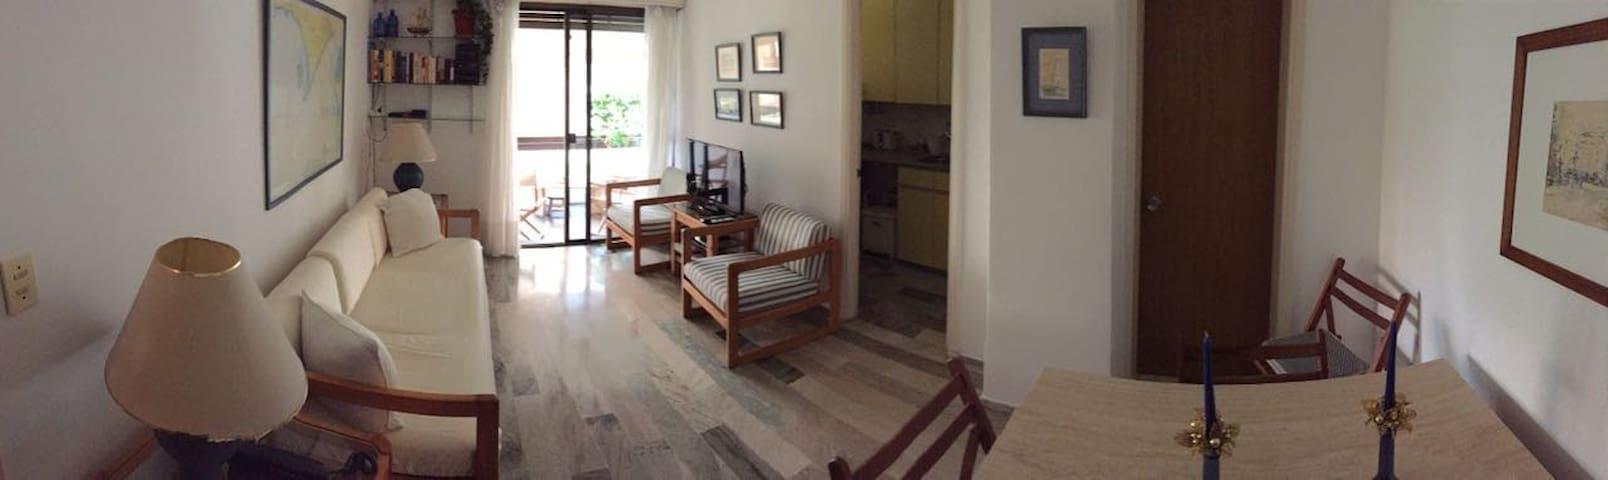 Bonito apartamento frente al mar en Punta del Este